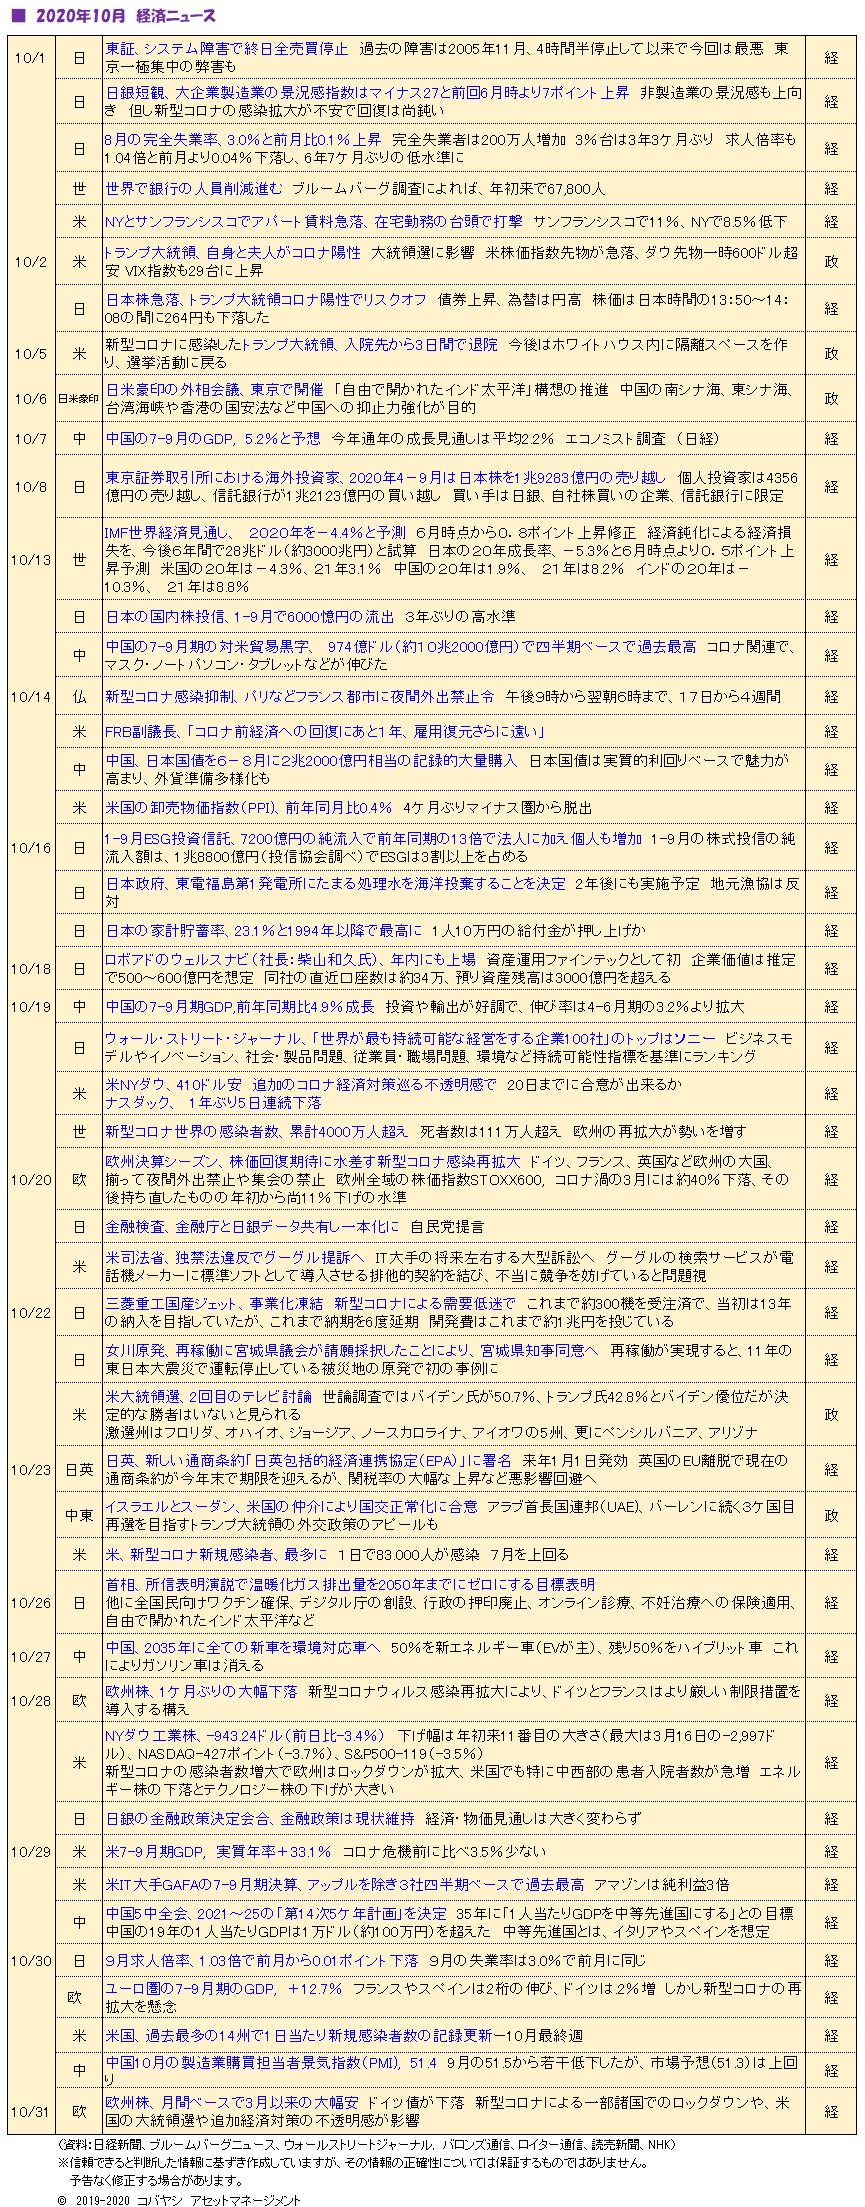 '201101_経済ニュース